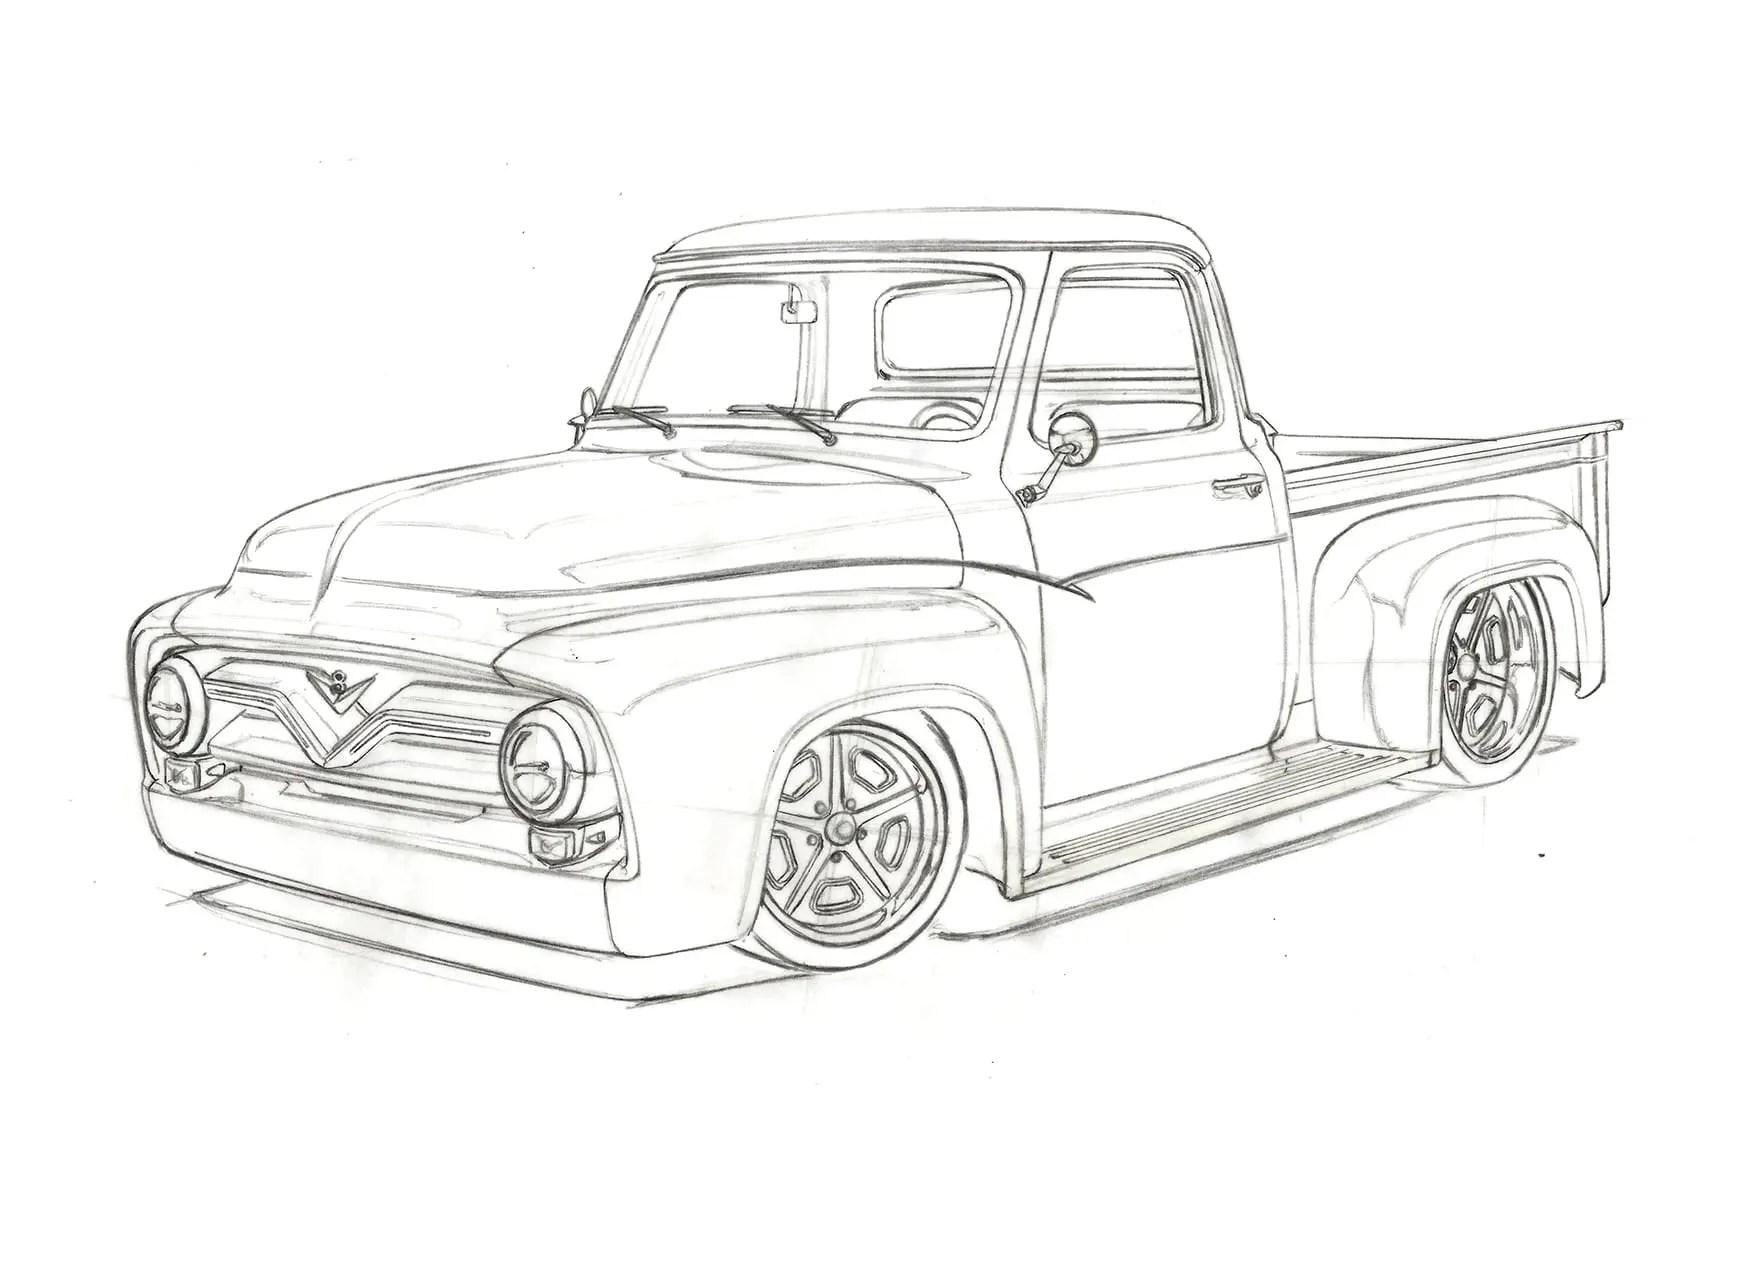 Revised F100 Sketch 1